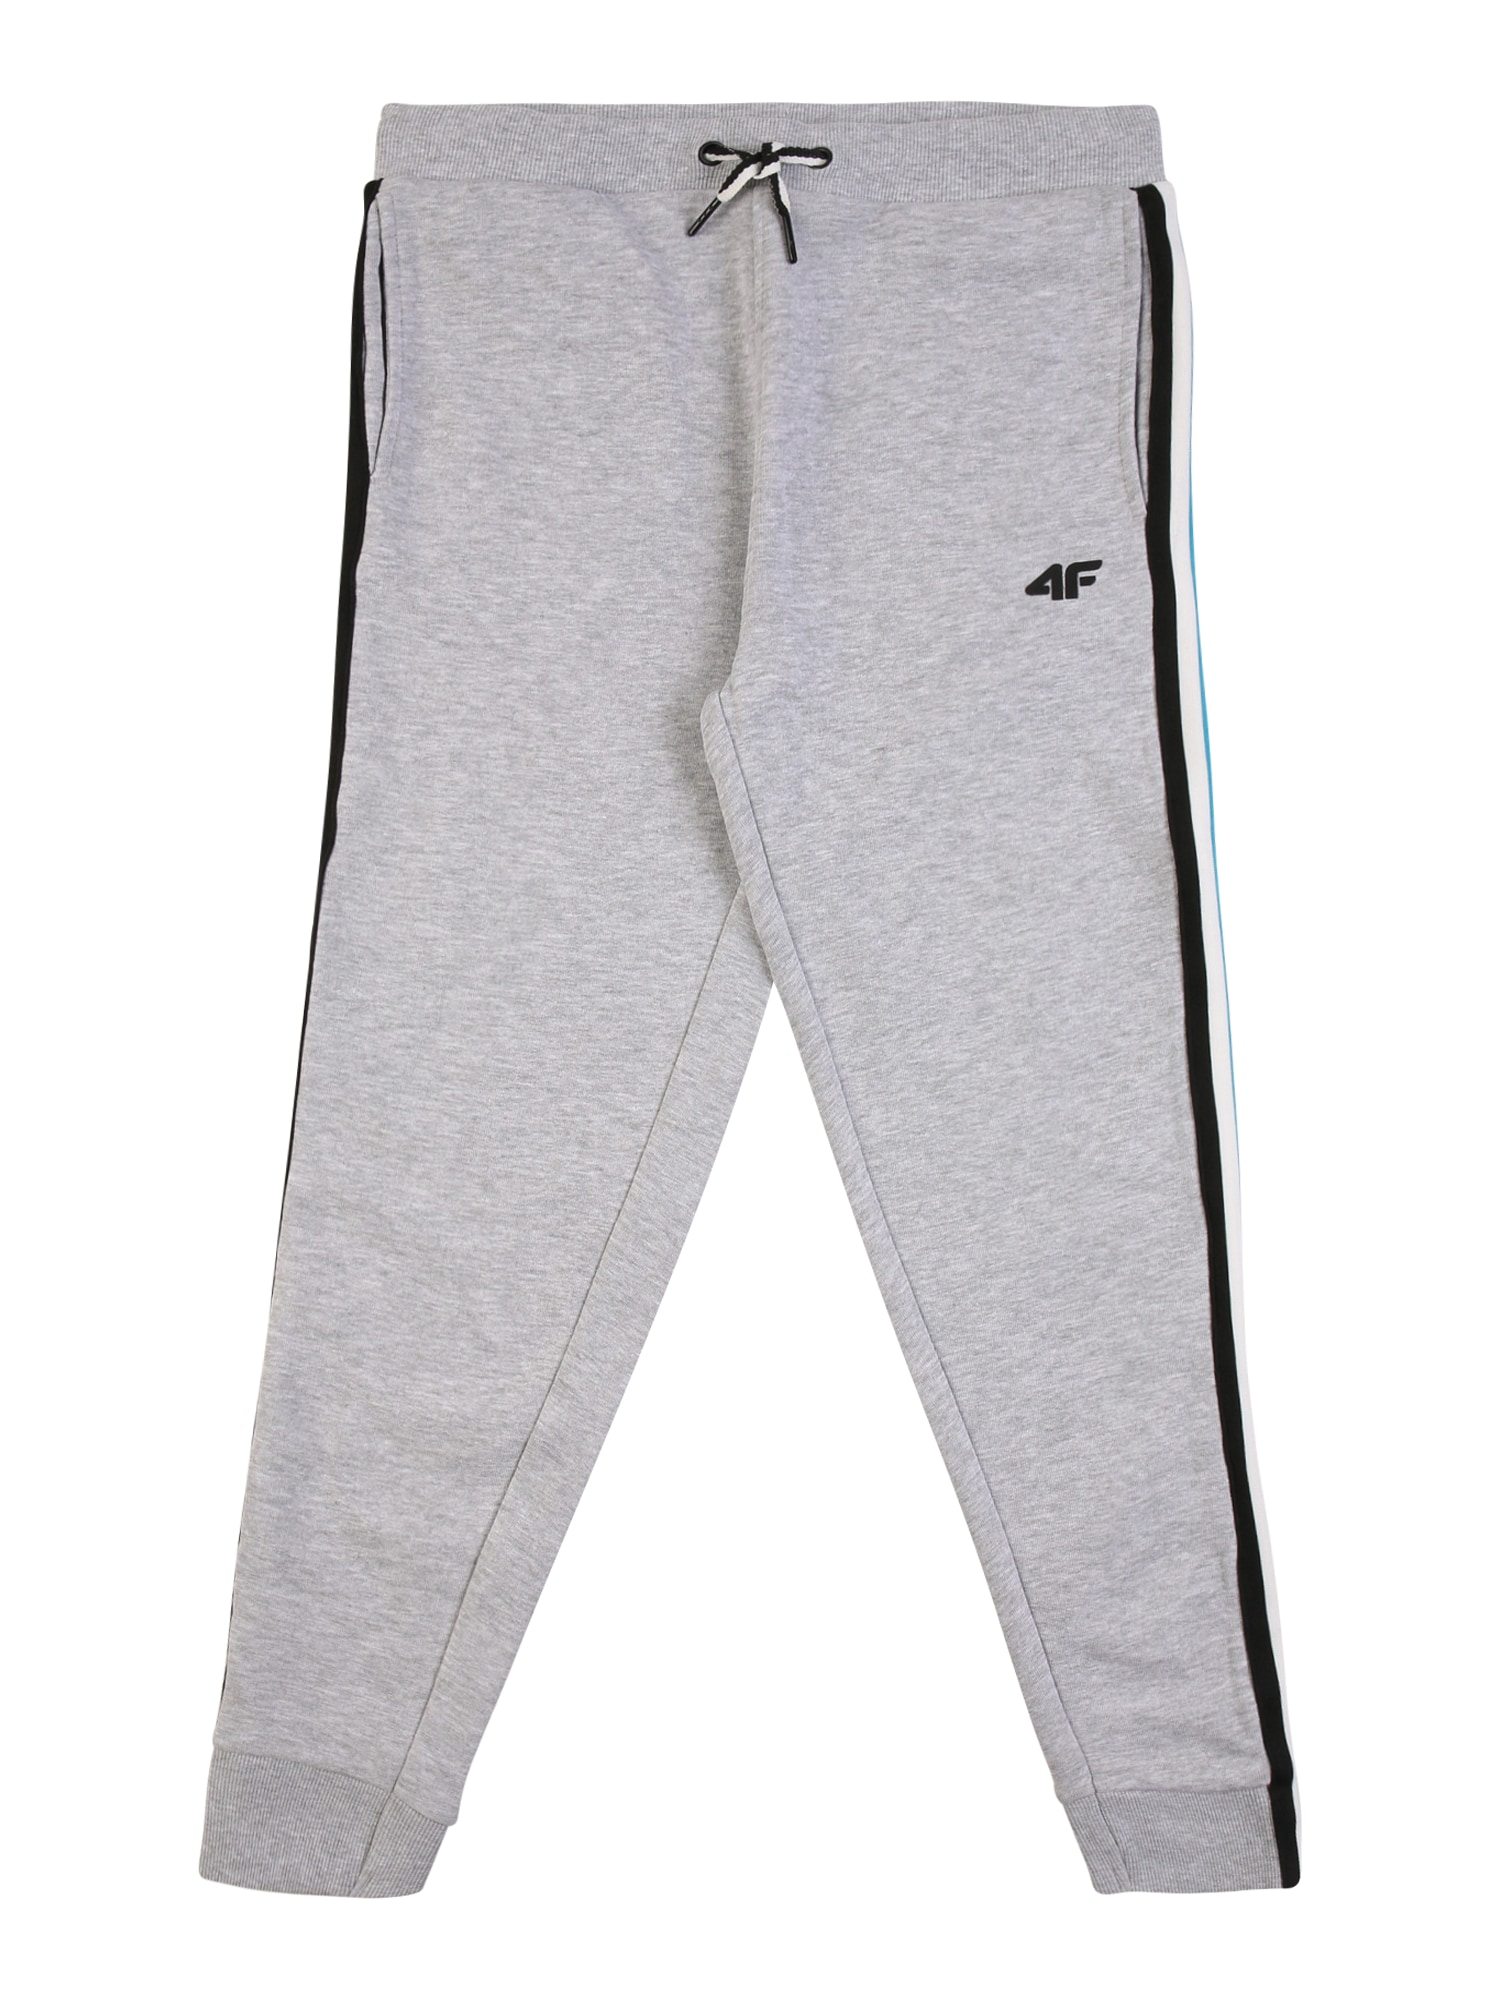 4F Sportinės kelnės margai pilka / juoda / balta / vandens spalva / geltona